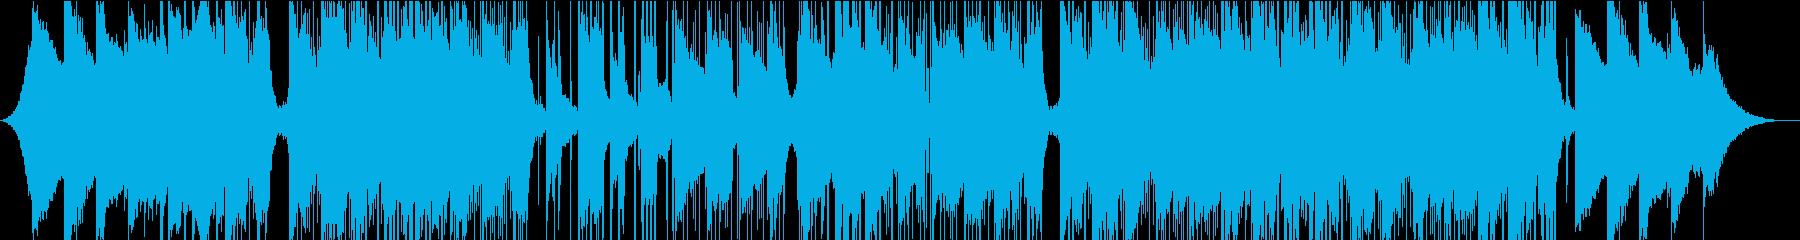 スタイリッシュ、ヒップホップ、チルアウトの再生済みの波形